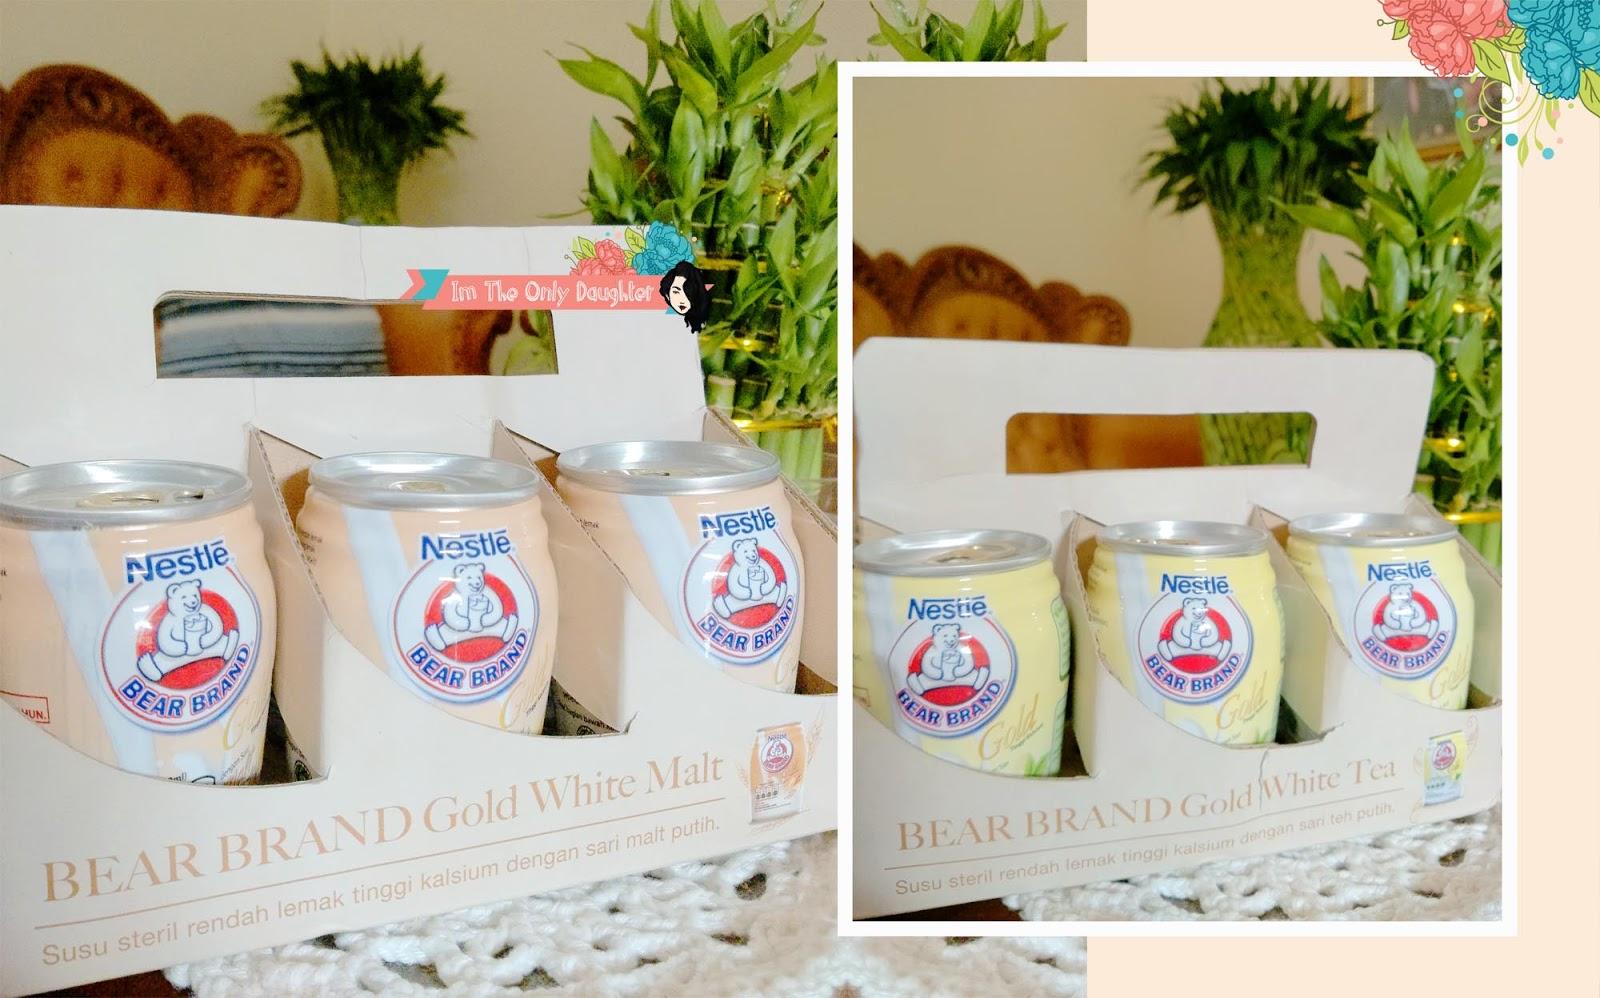 Nikmati Kebaikan Susu Bear Brand Gold Untuk Kesehatan Roosvansia